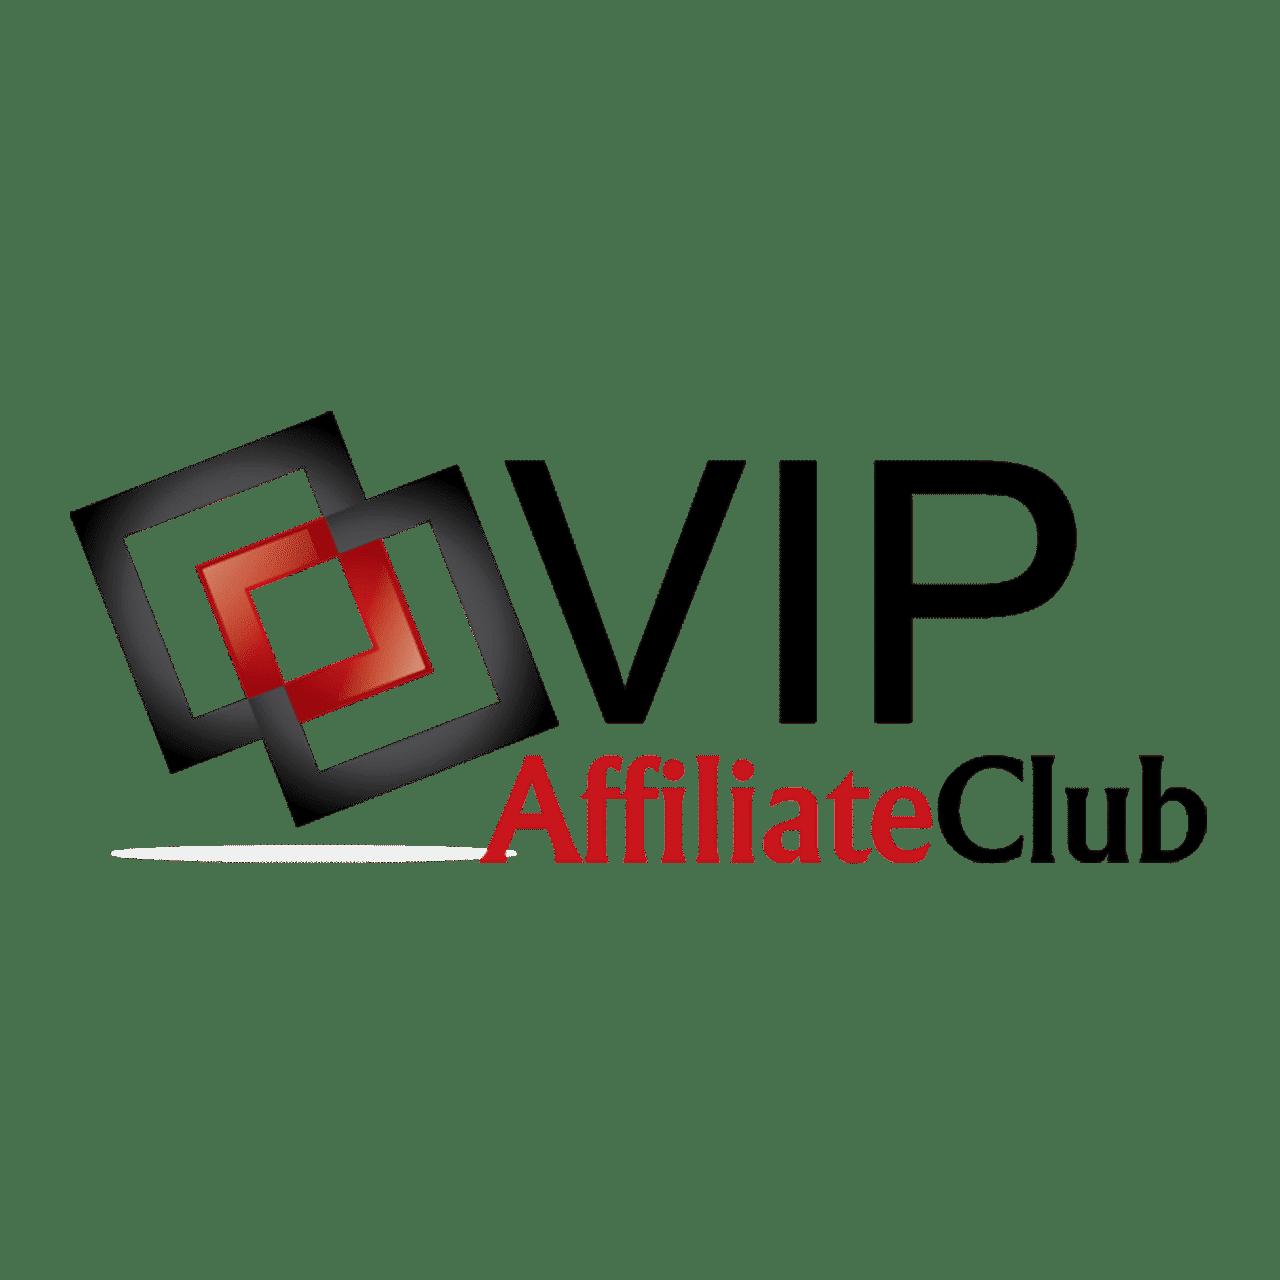 VIP Affiliate Club 3.0